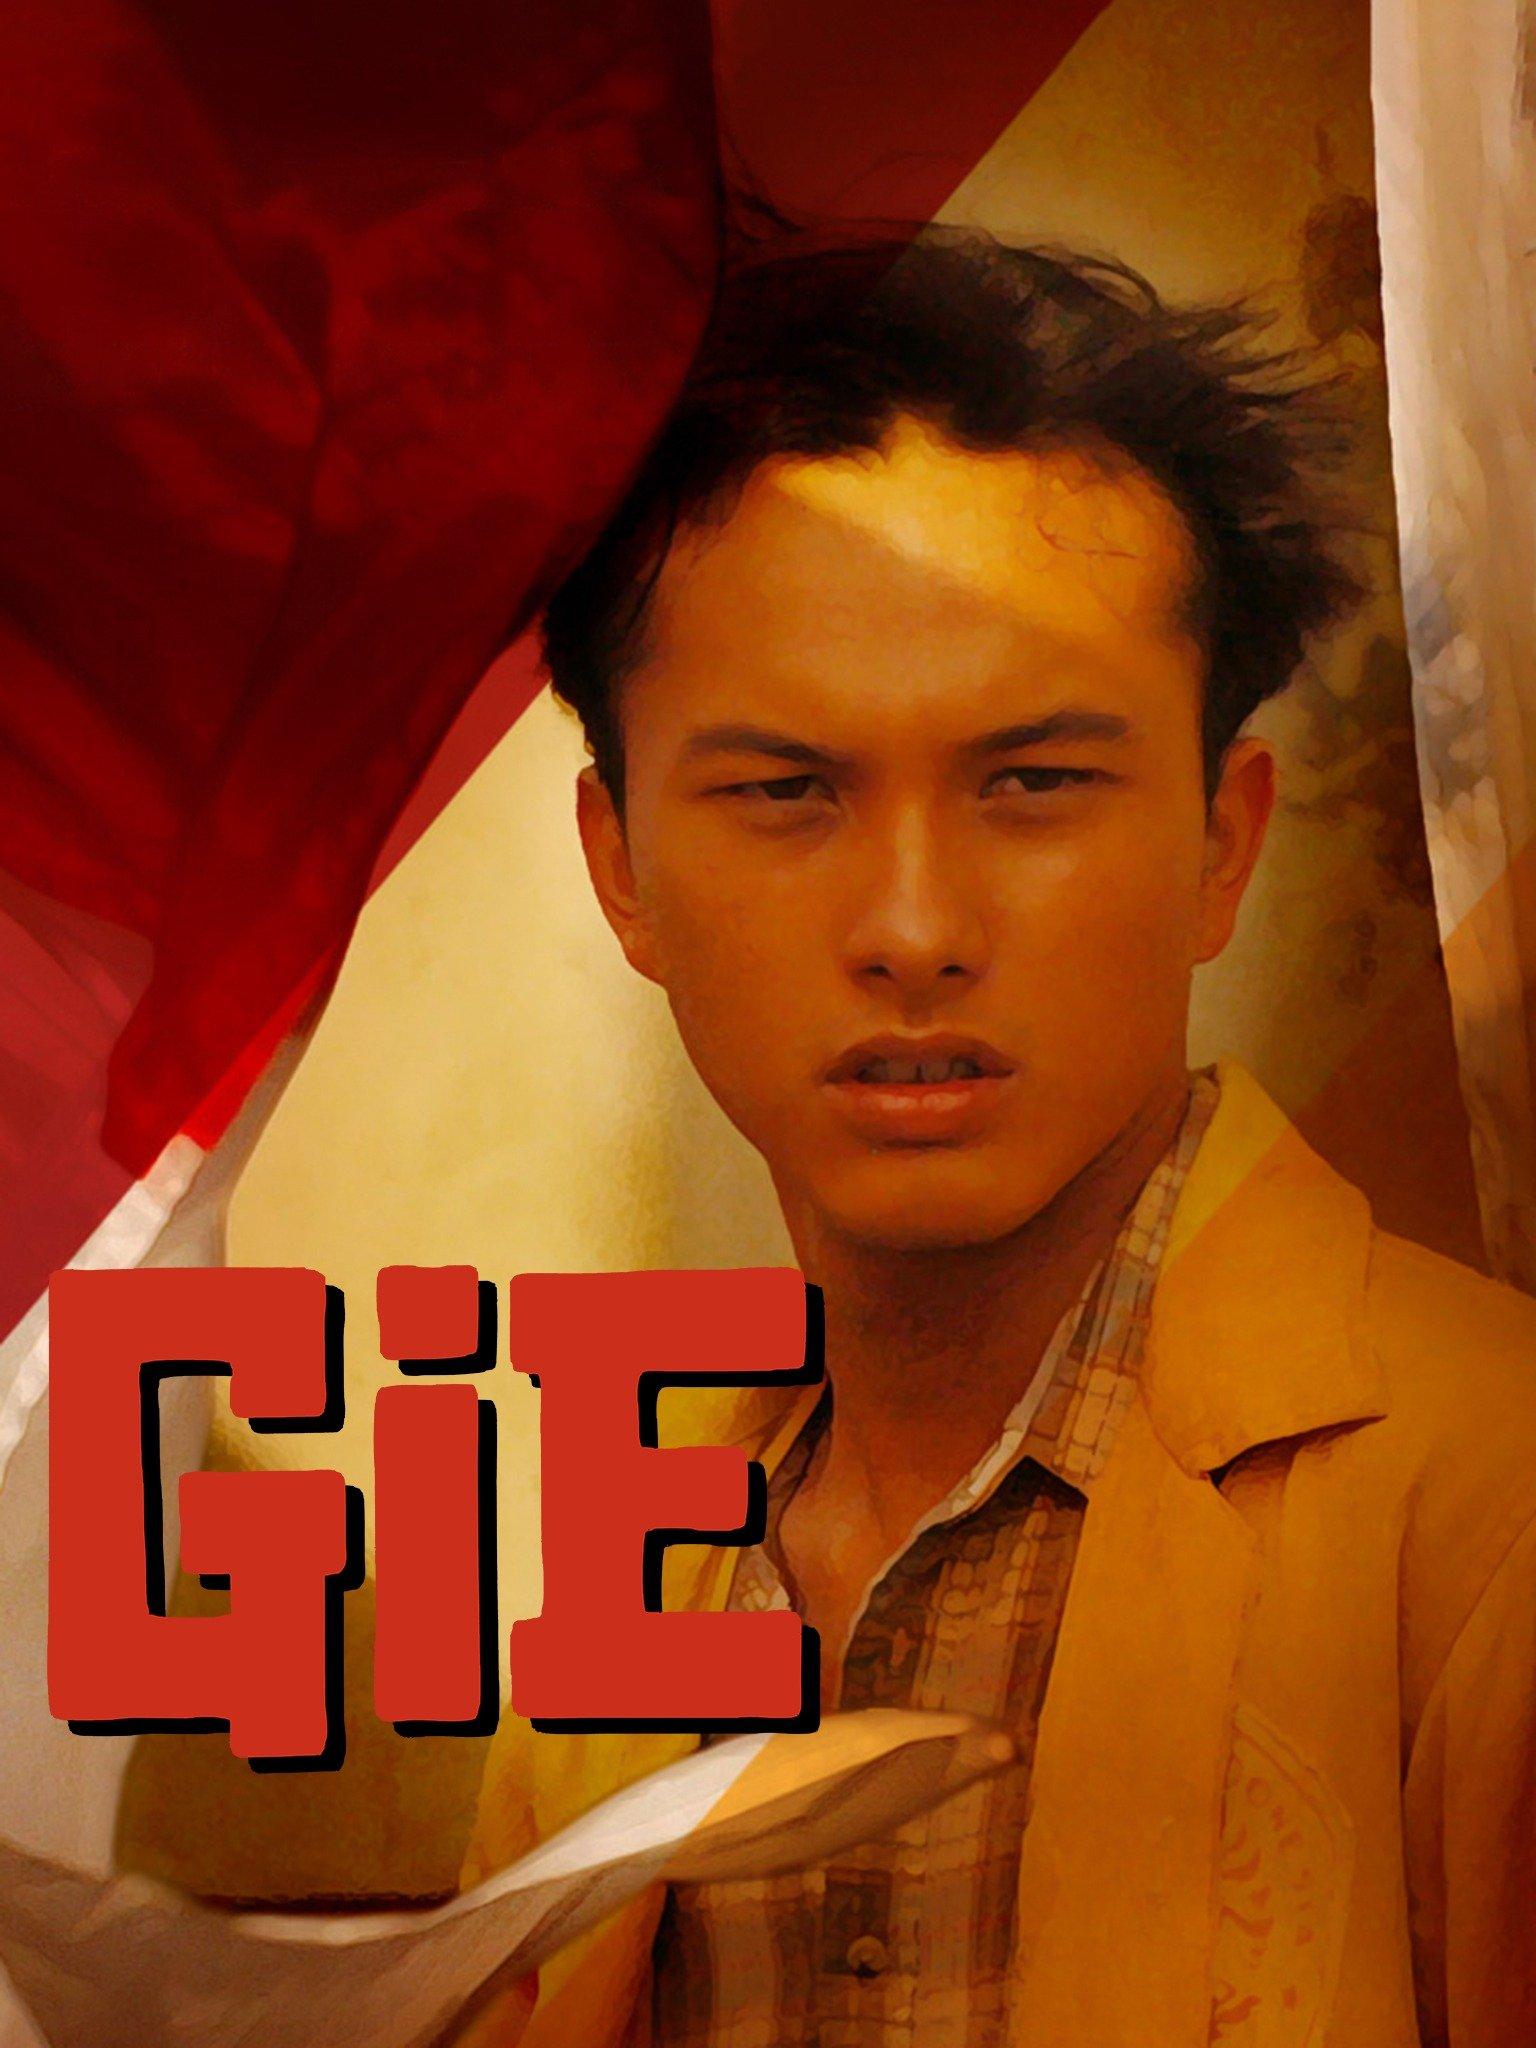 Gie Movie Reviews